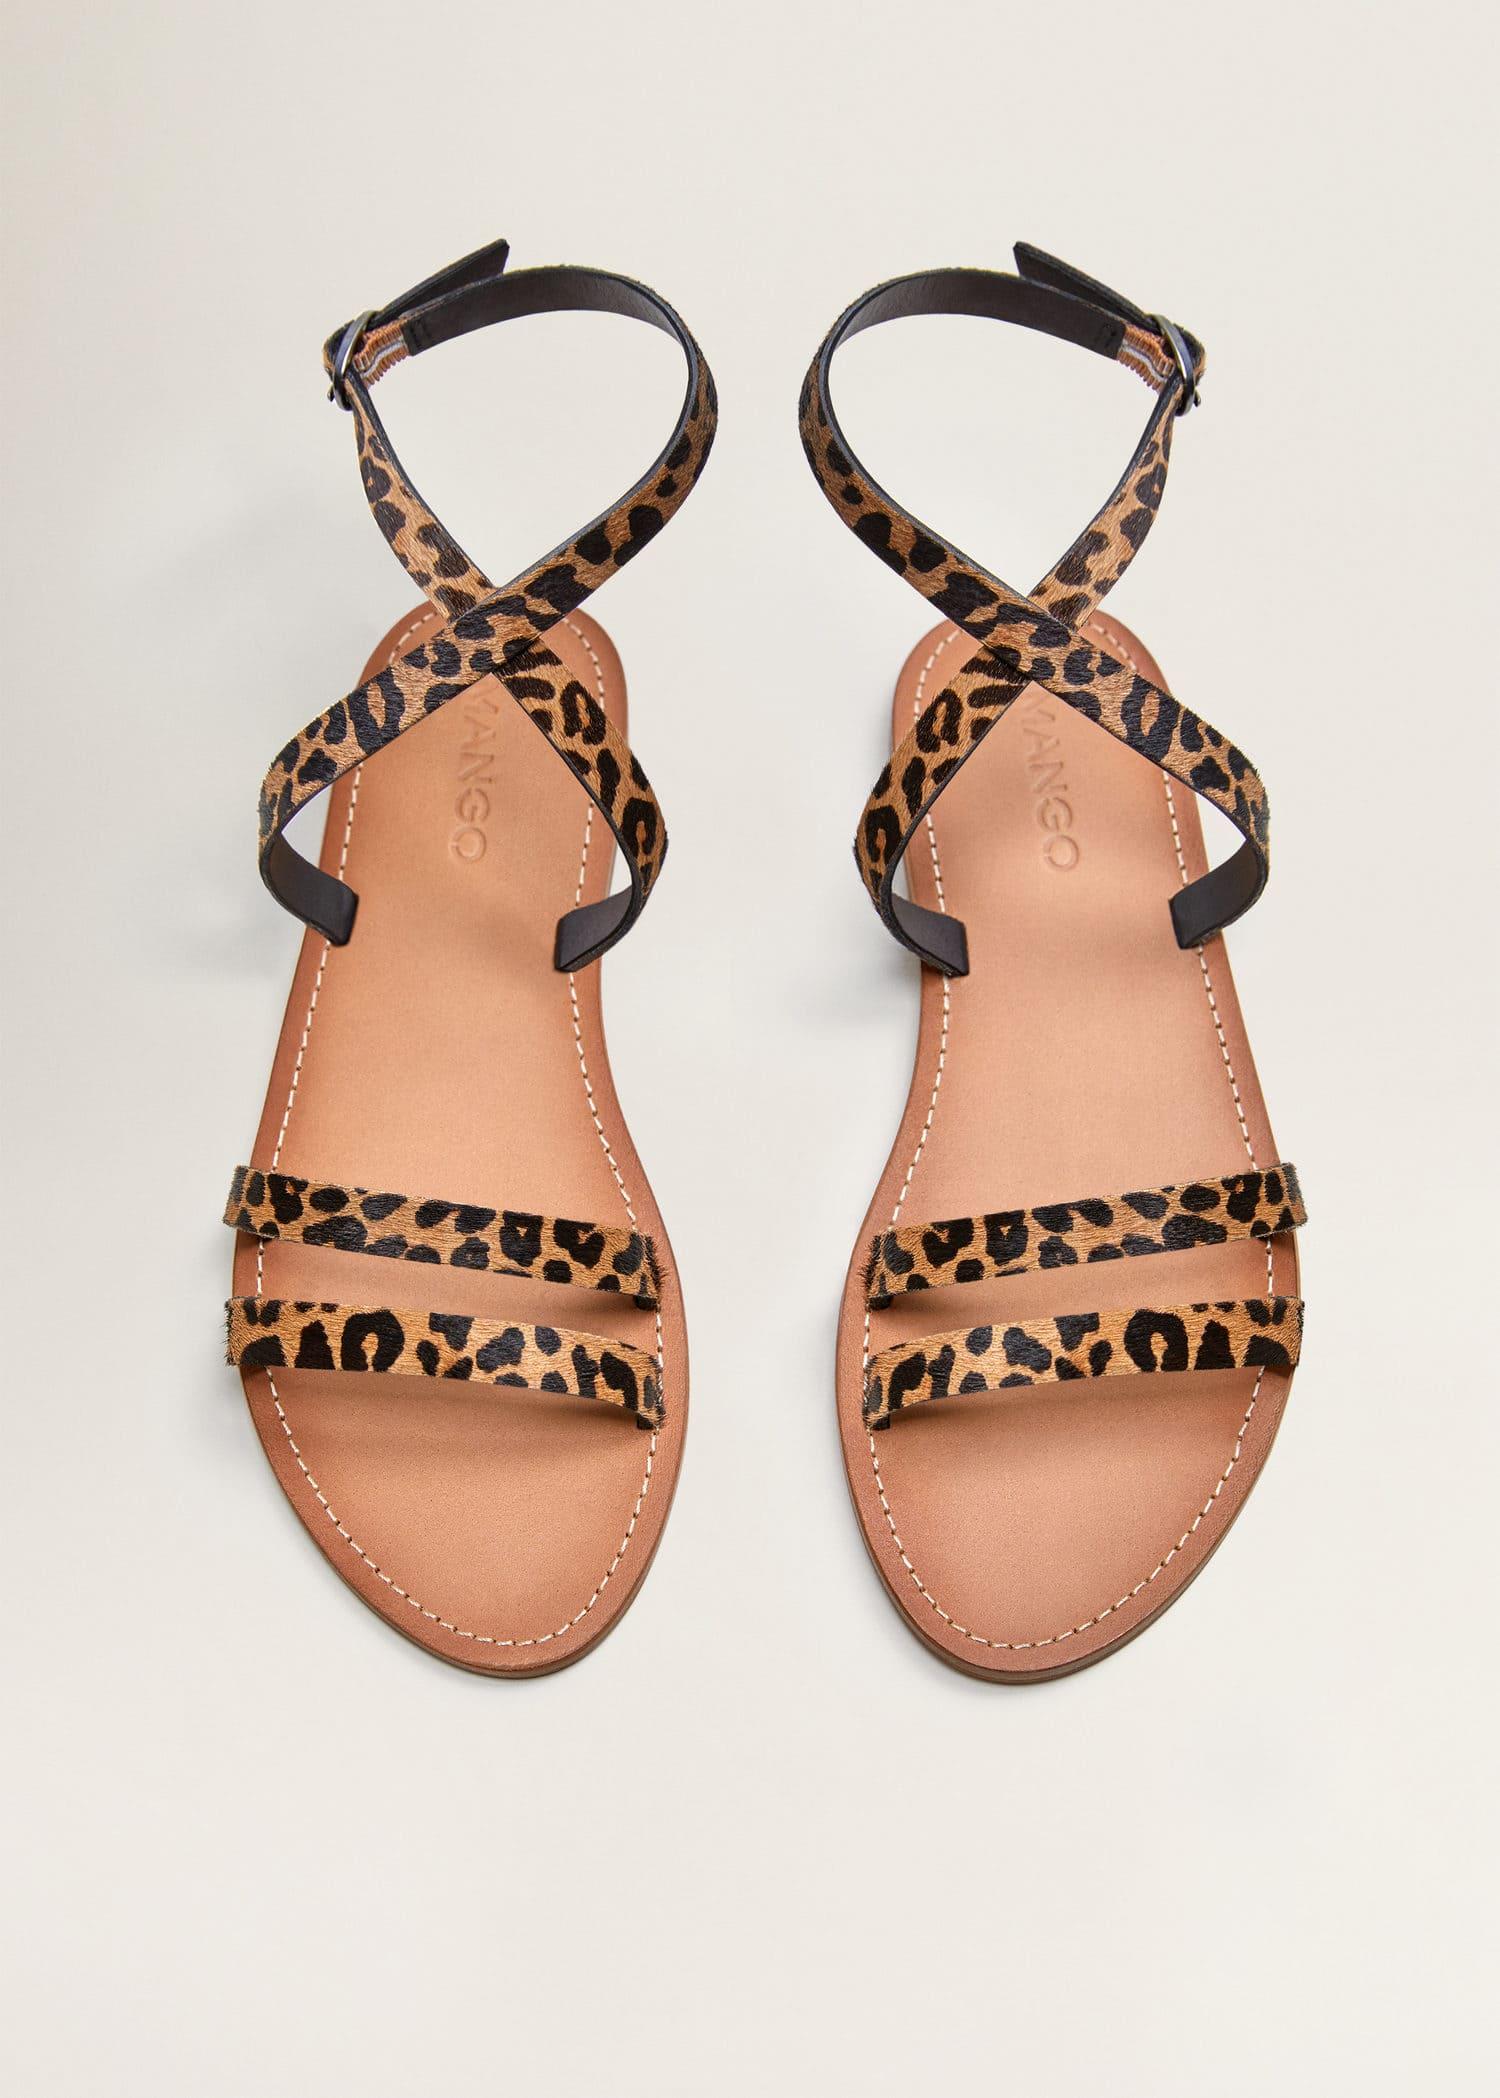 Chaussure Plates Pour 2019Mango Sandales France Femme WrxoBedC